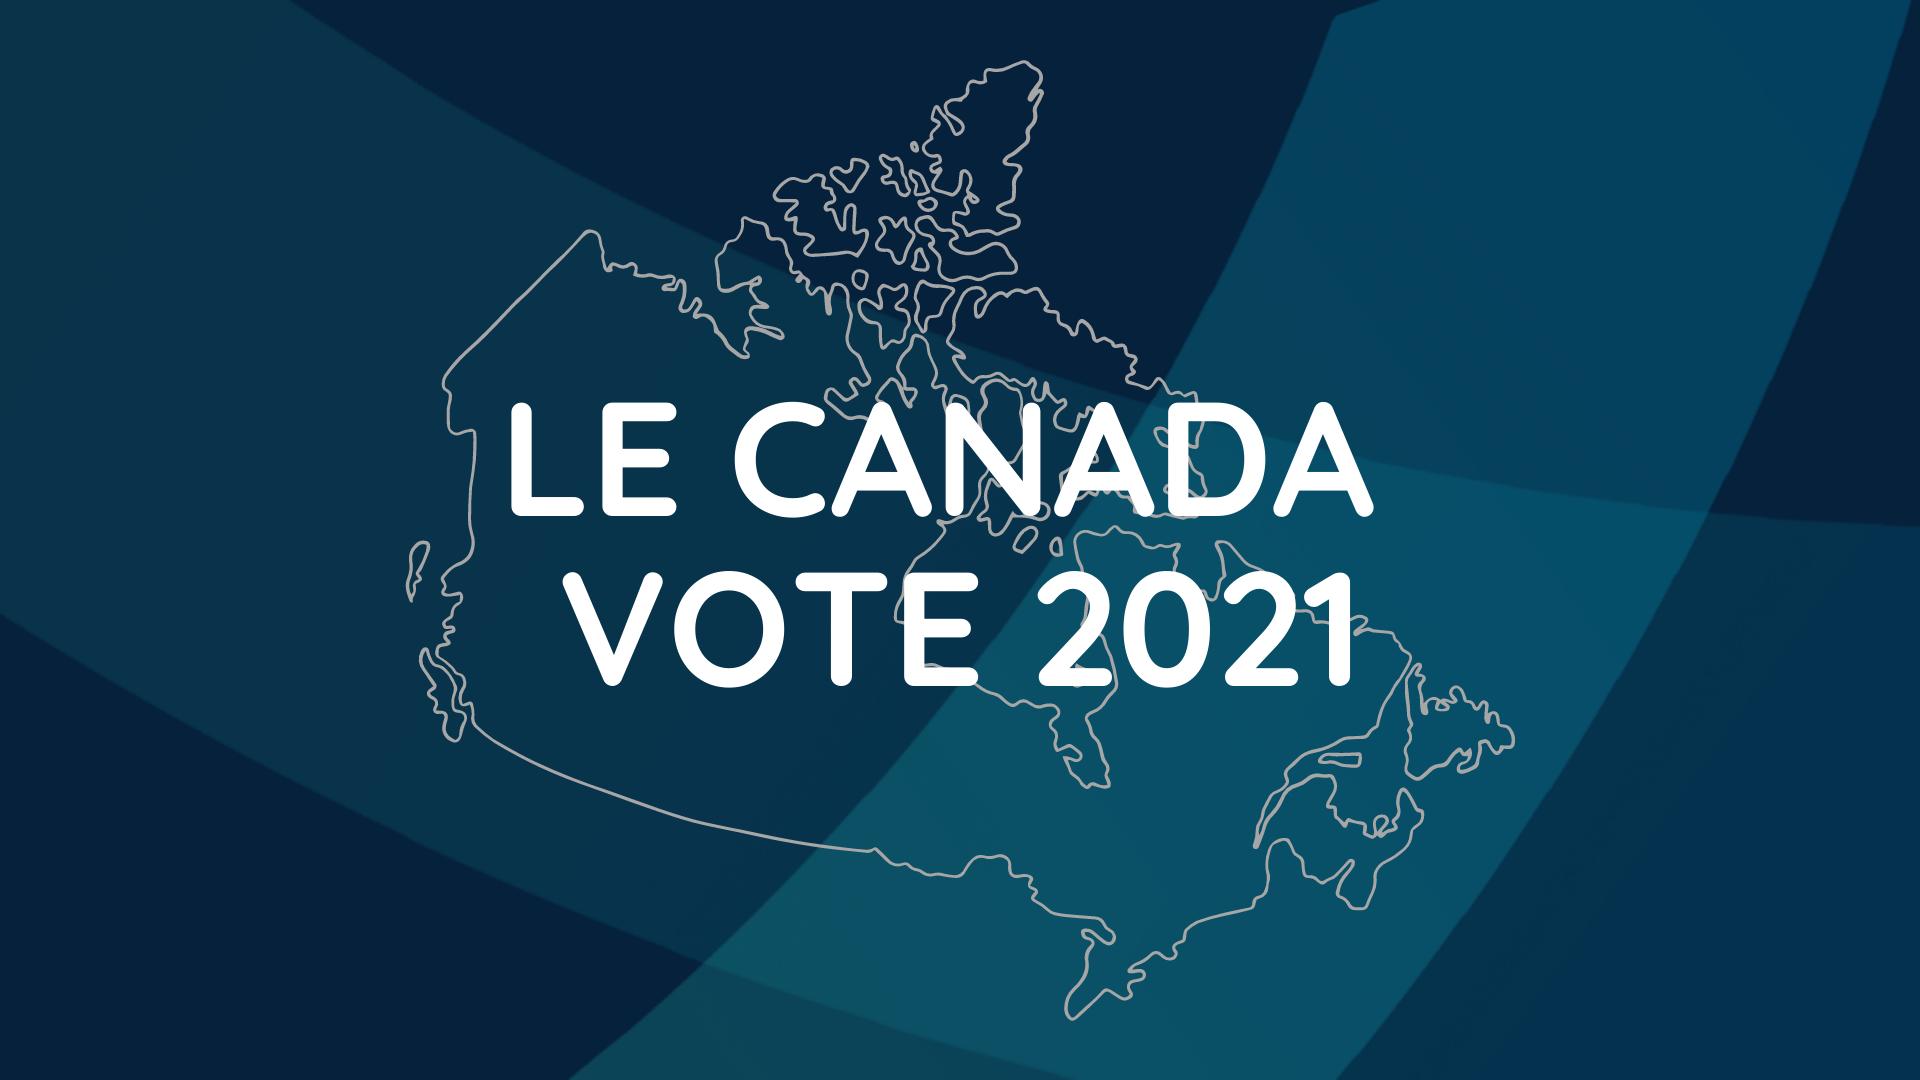 Le Canada vote 2021